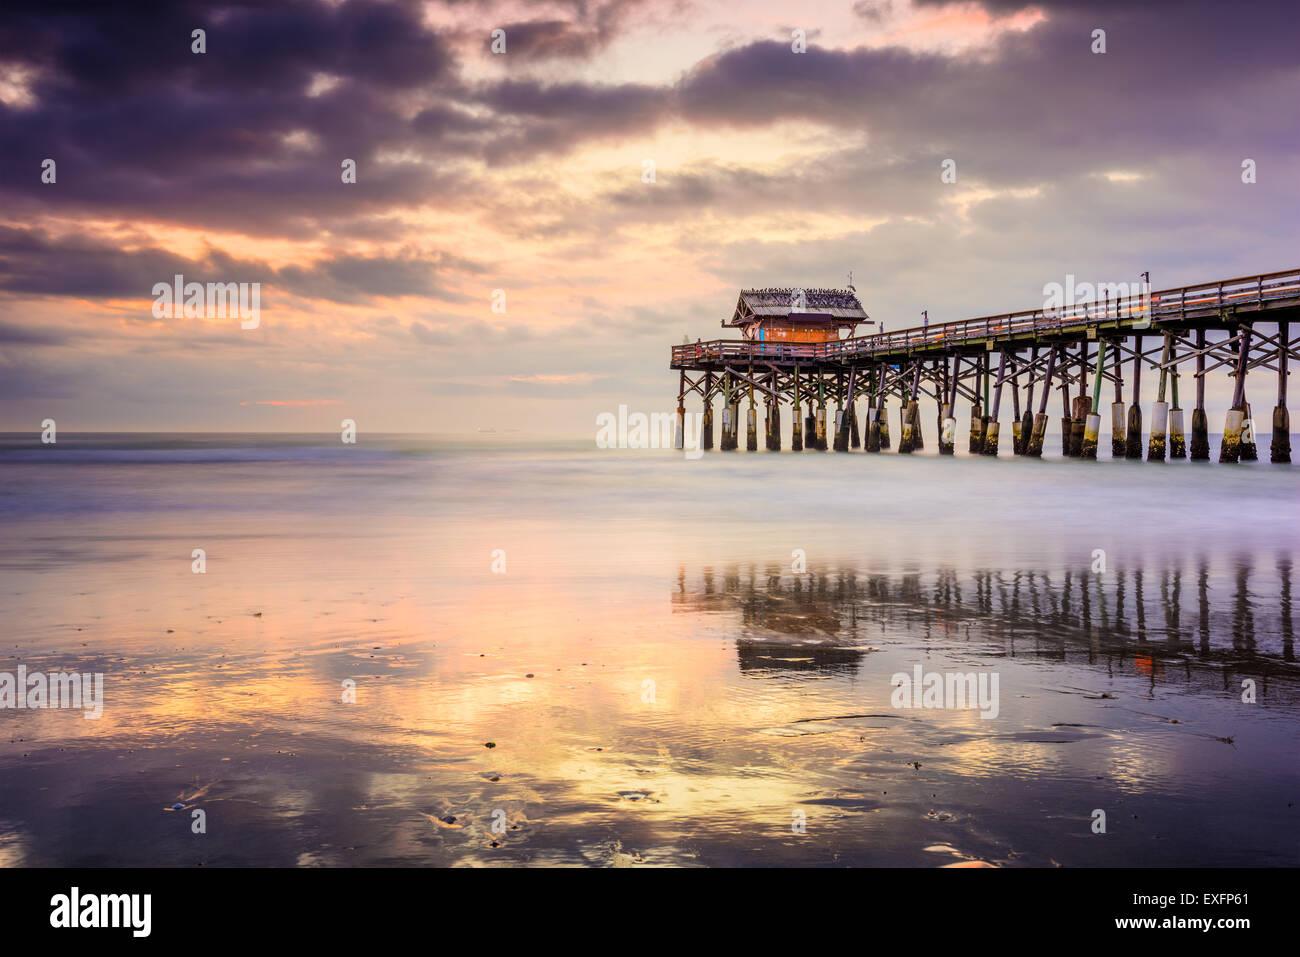 Cocoa Beach, Floride, USA à l'embarcadère. Banque D'Images